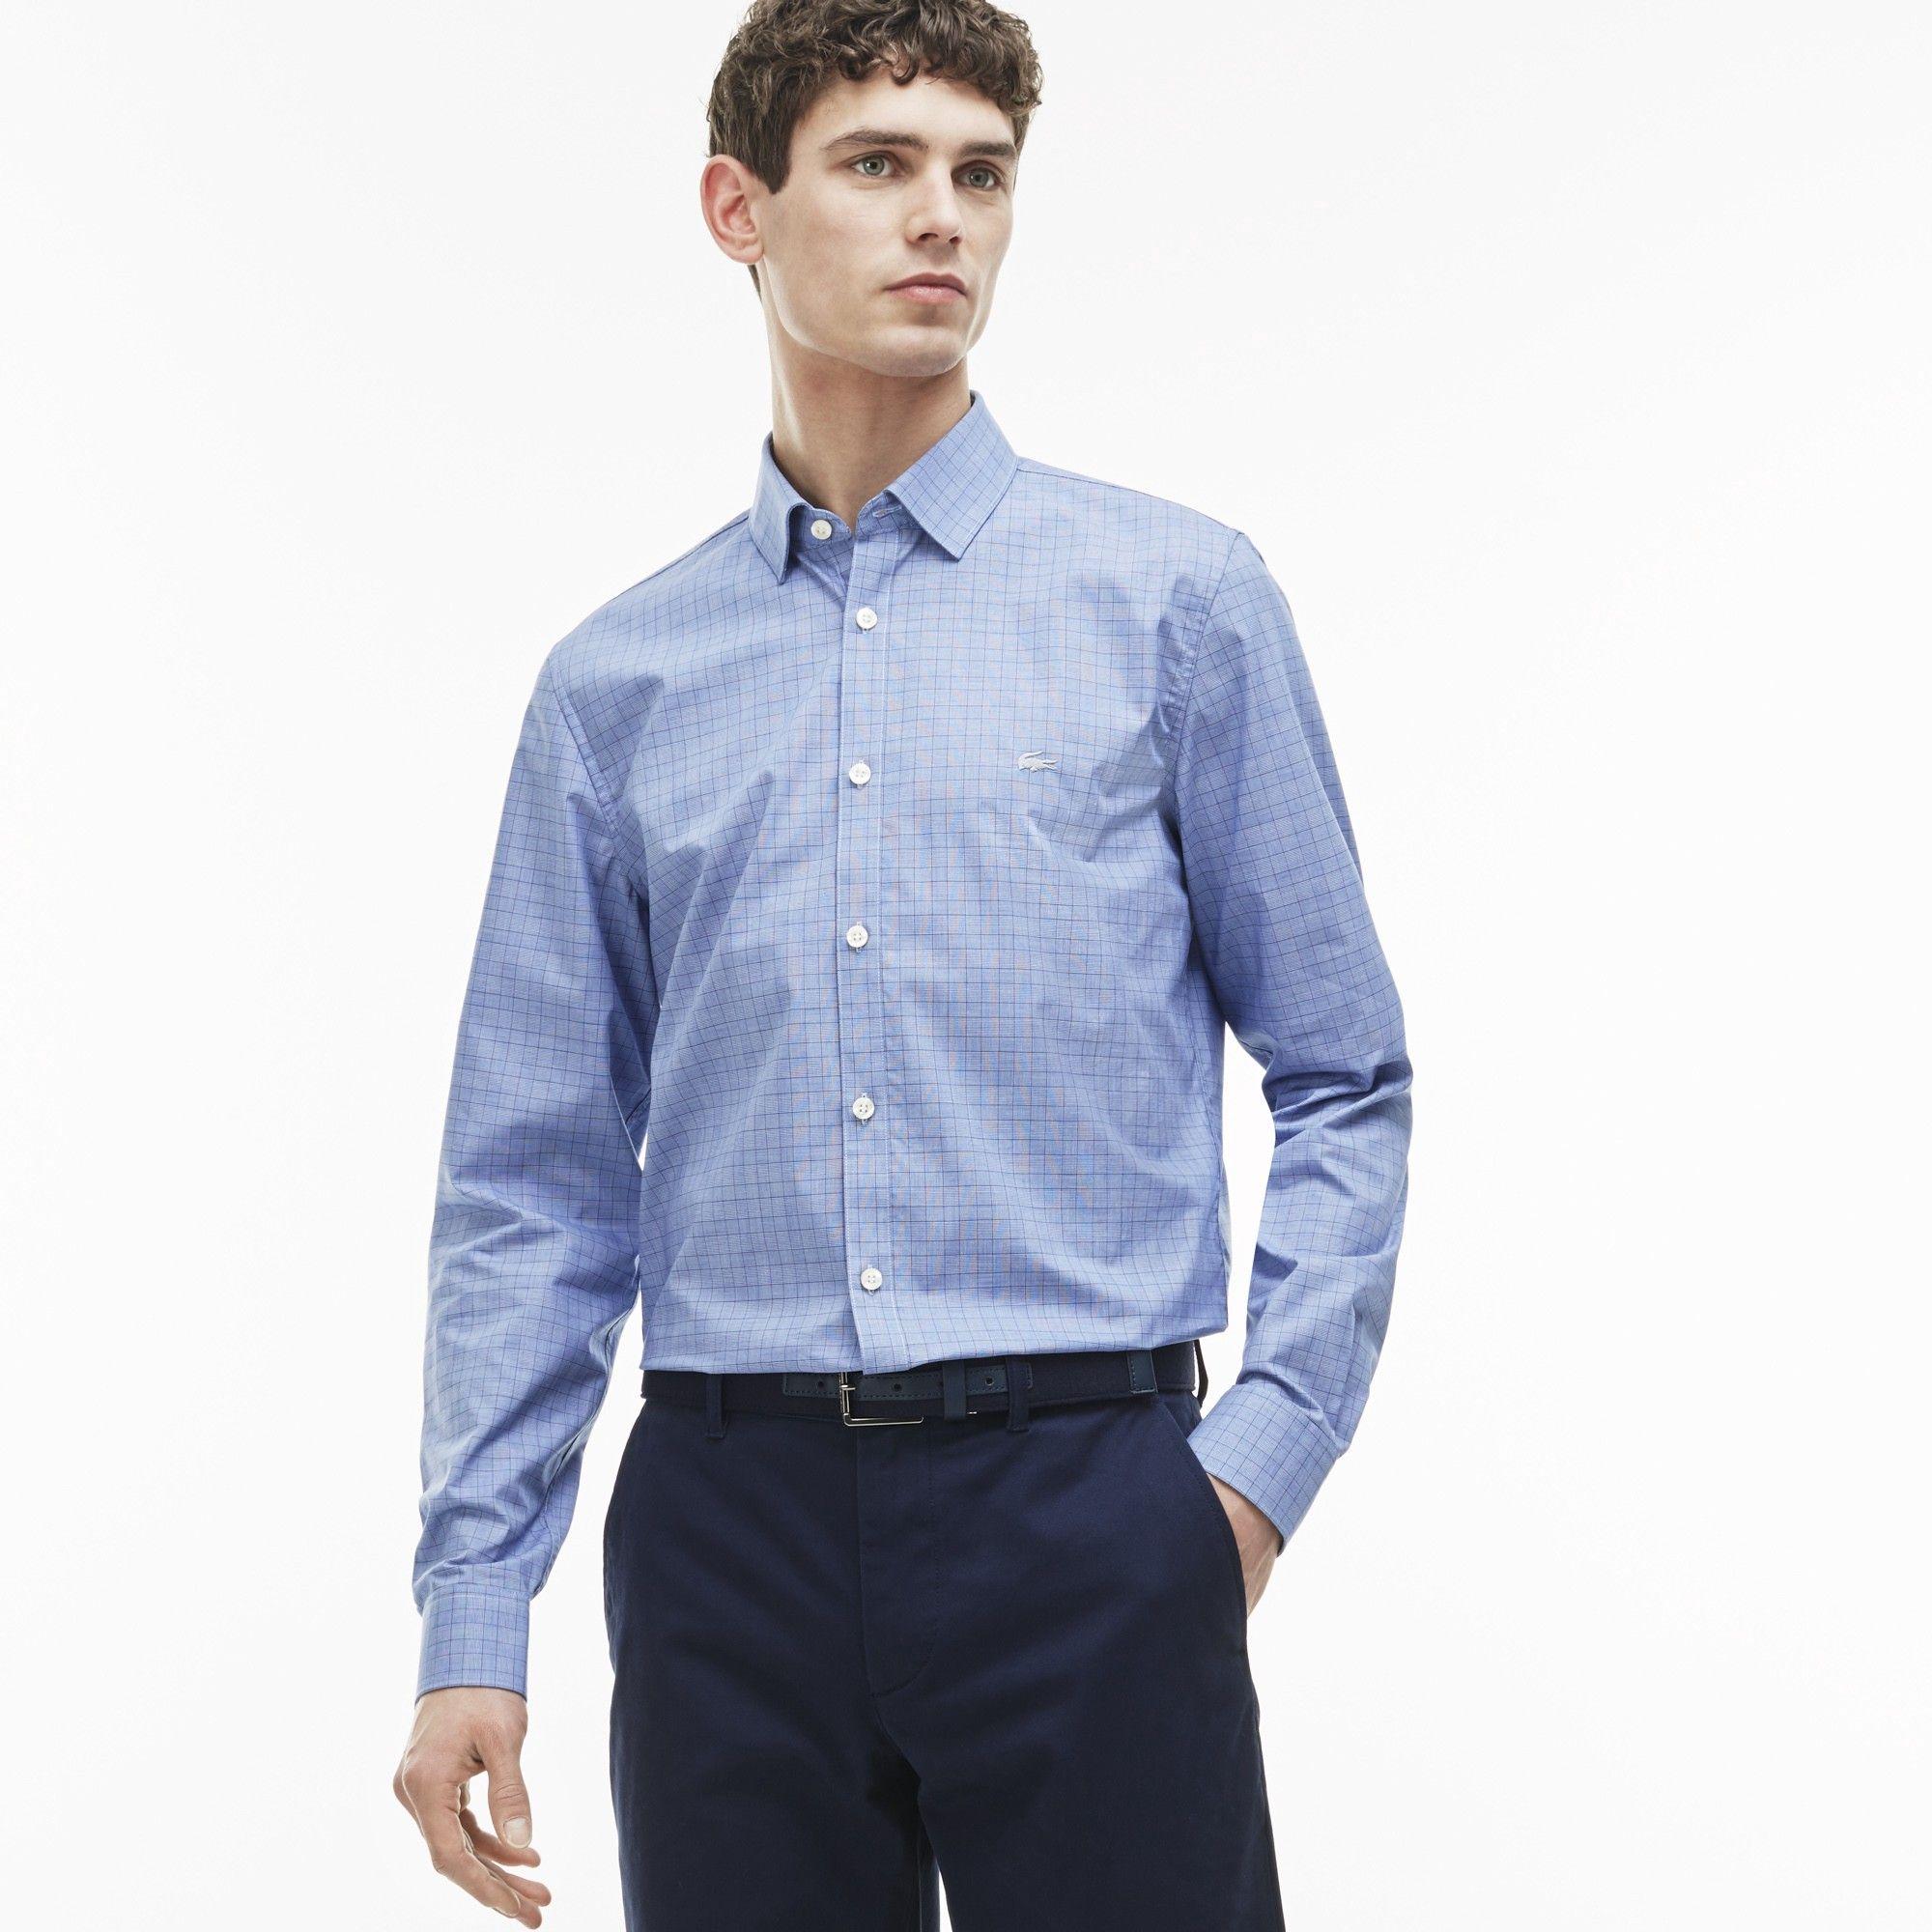 108608fd107e26 LACOSTE Men s Slim Fit Glen Plaid Poplin Shirt - methylene steamer-white.   lacoste  cloth